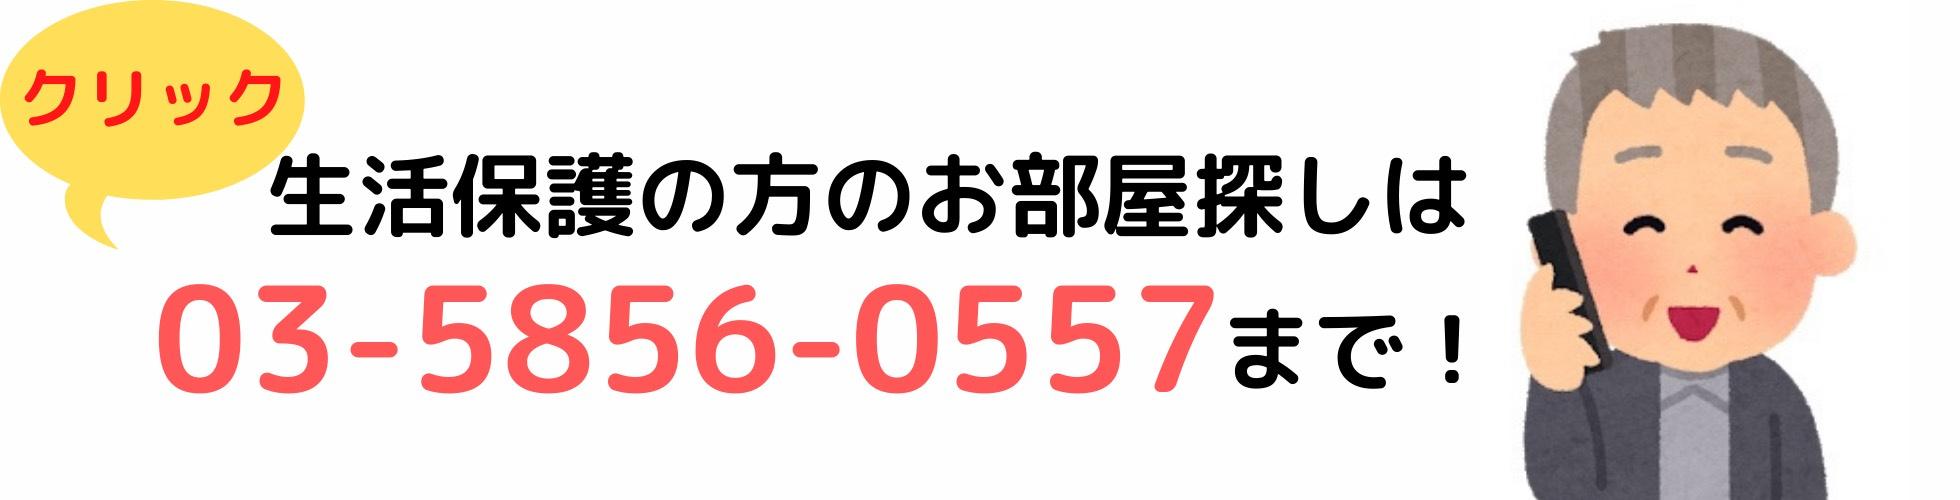 生活保護相談電話 綾瀬